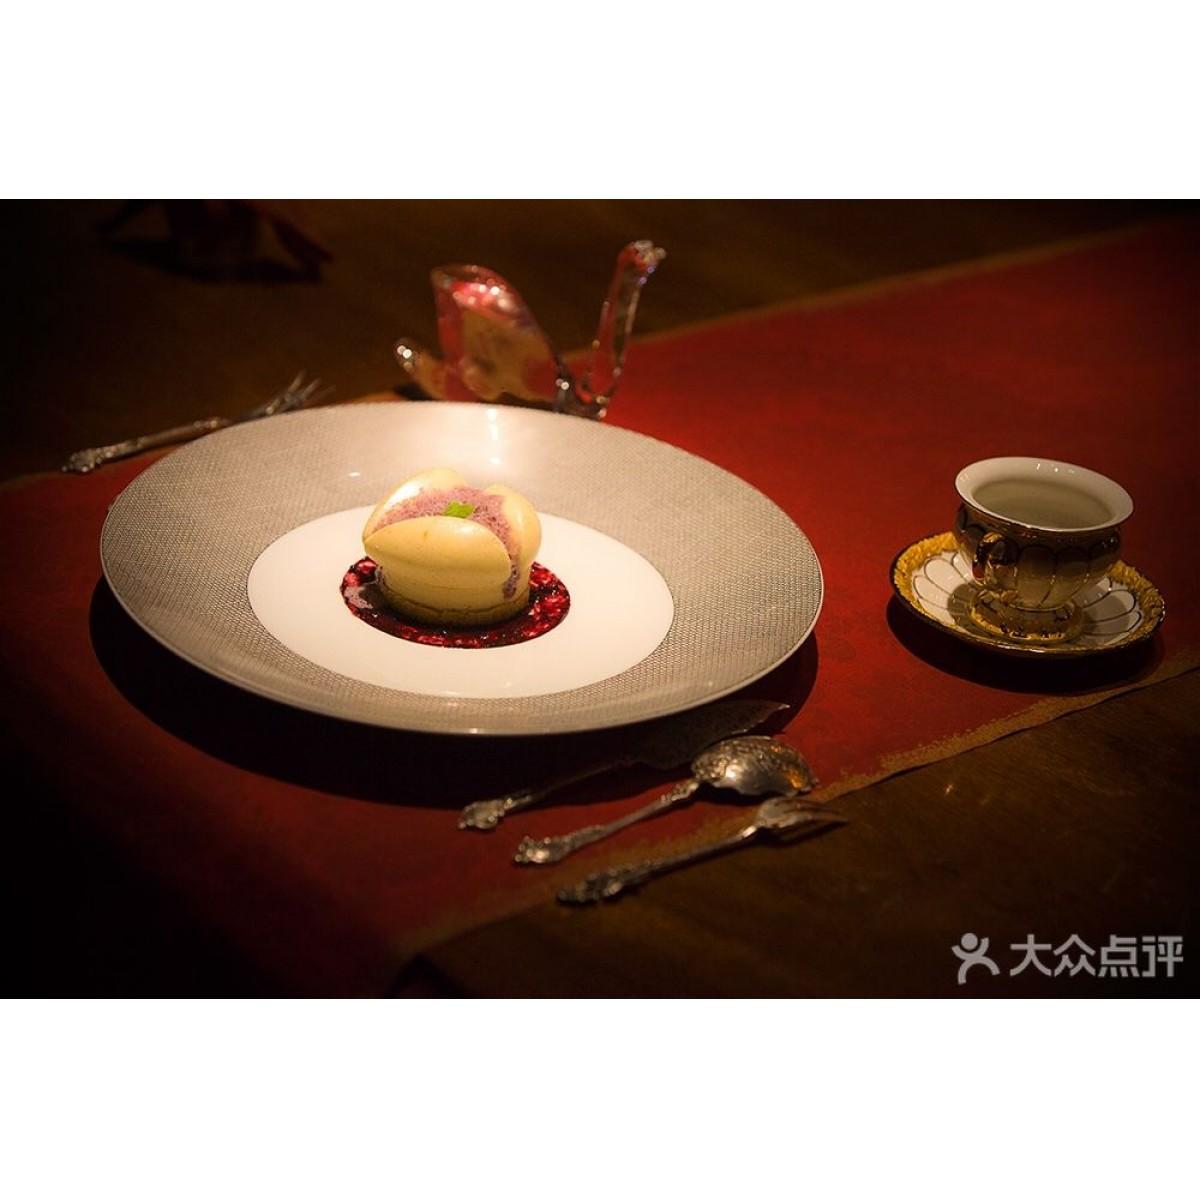 行走的咖啡地图网站_下午茶餐饮服务平台-北京屋塔餐饮管理有限公司推广计划二